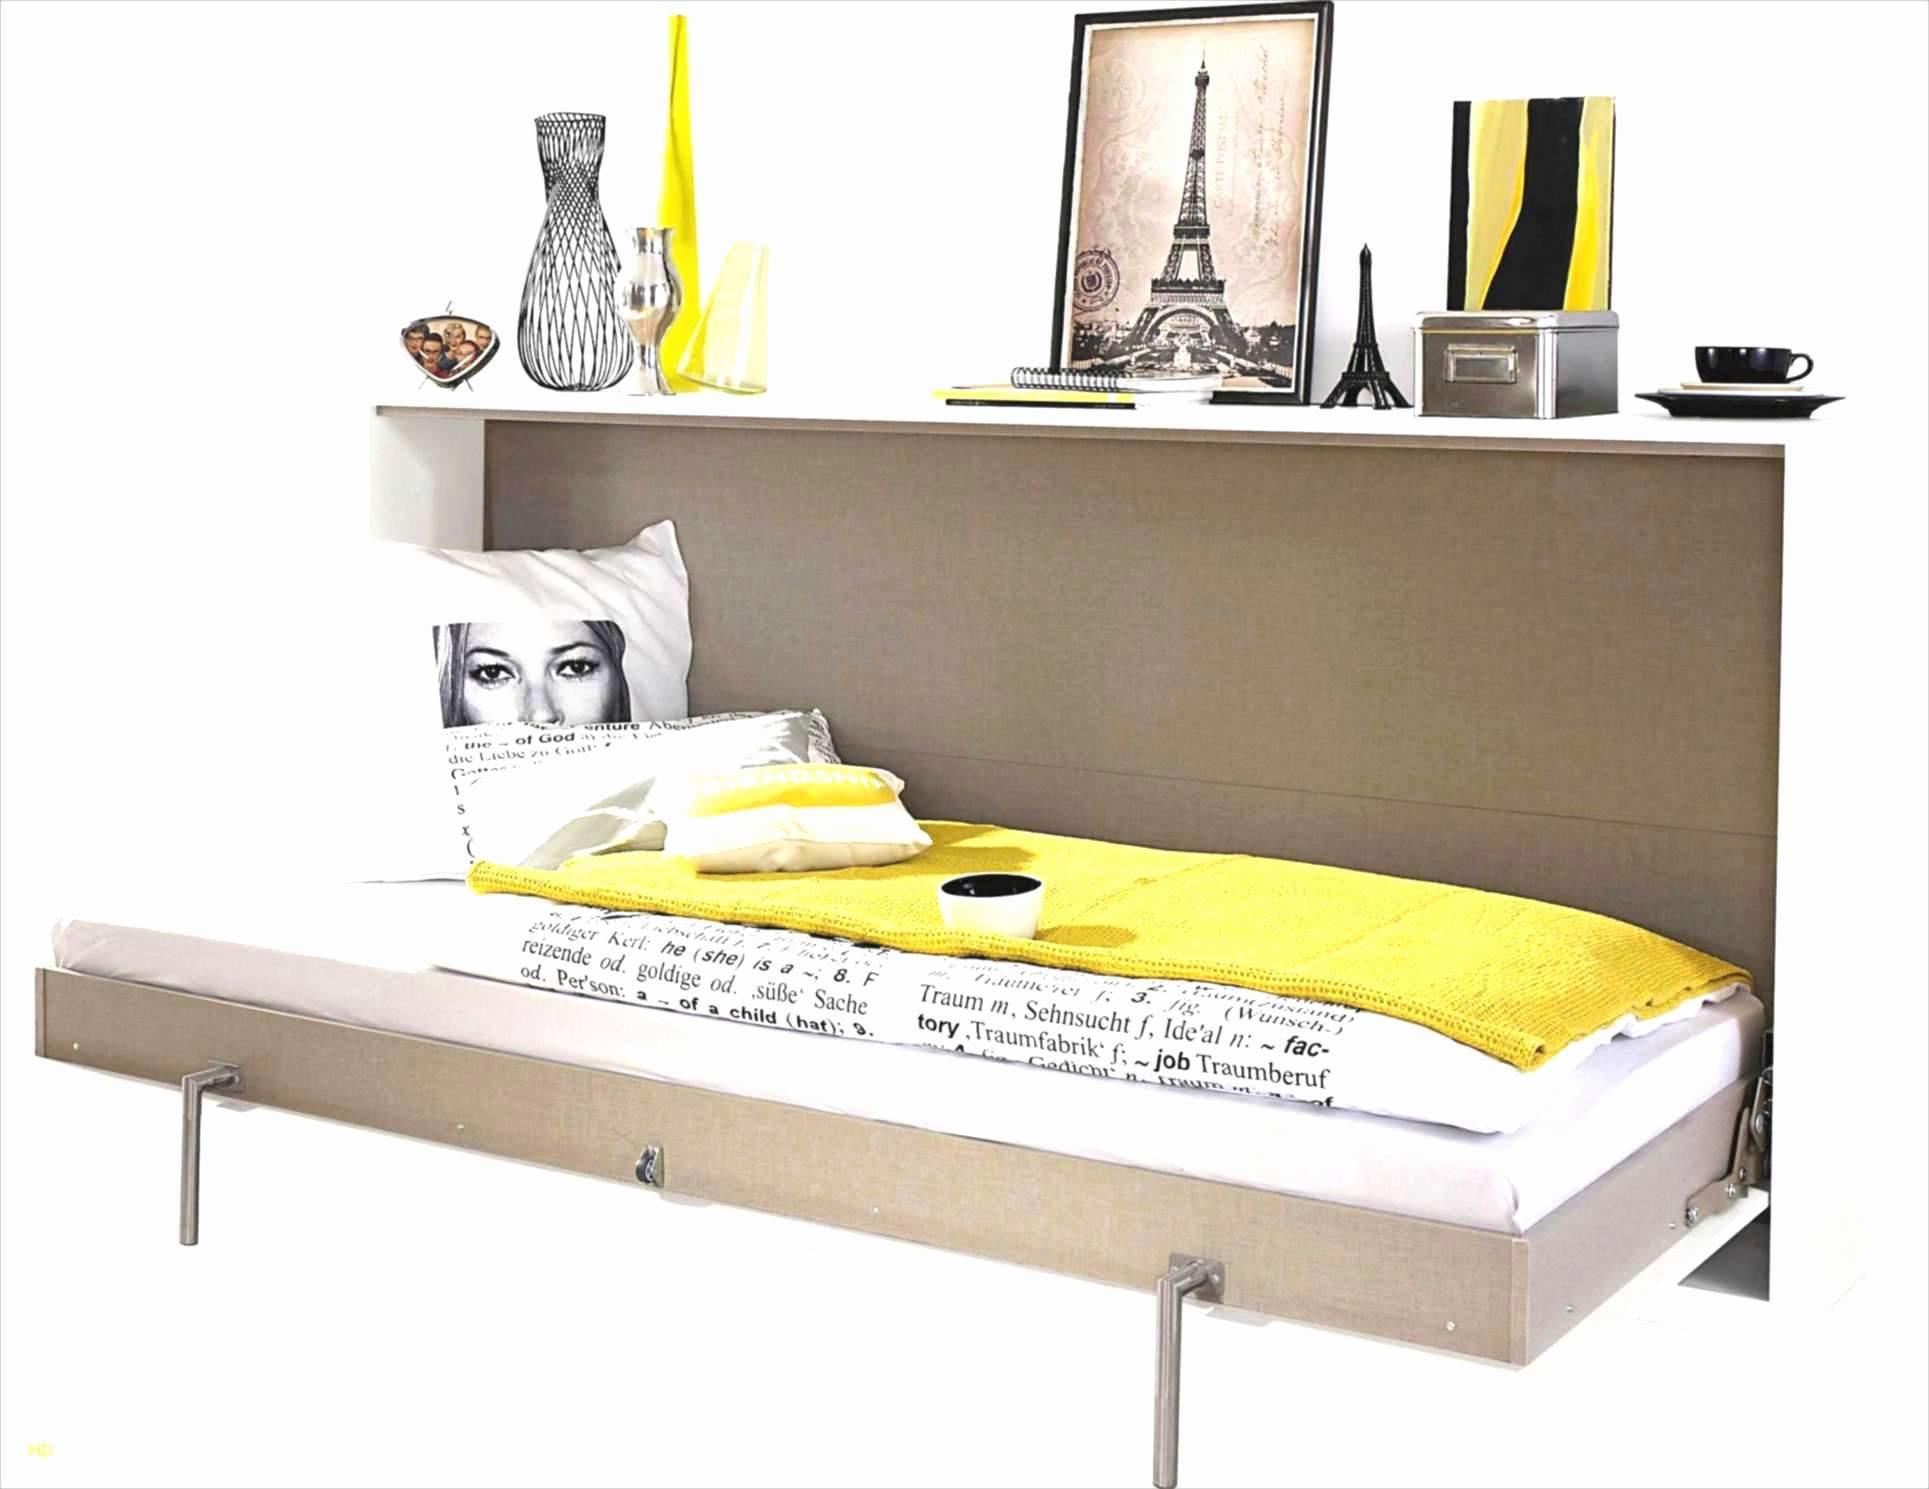 Full Size of 25 Einzigartig Garten Relaxliege Reizend Anlegen Wohnzimmer Teppich Vinylboden Tisch Schrankwand Deko Stehlampe Hängeschrank Board Gardine Kommode Wohnzimmer Wohnzimmer Relaxliege